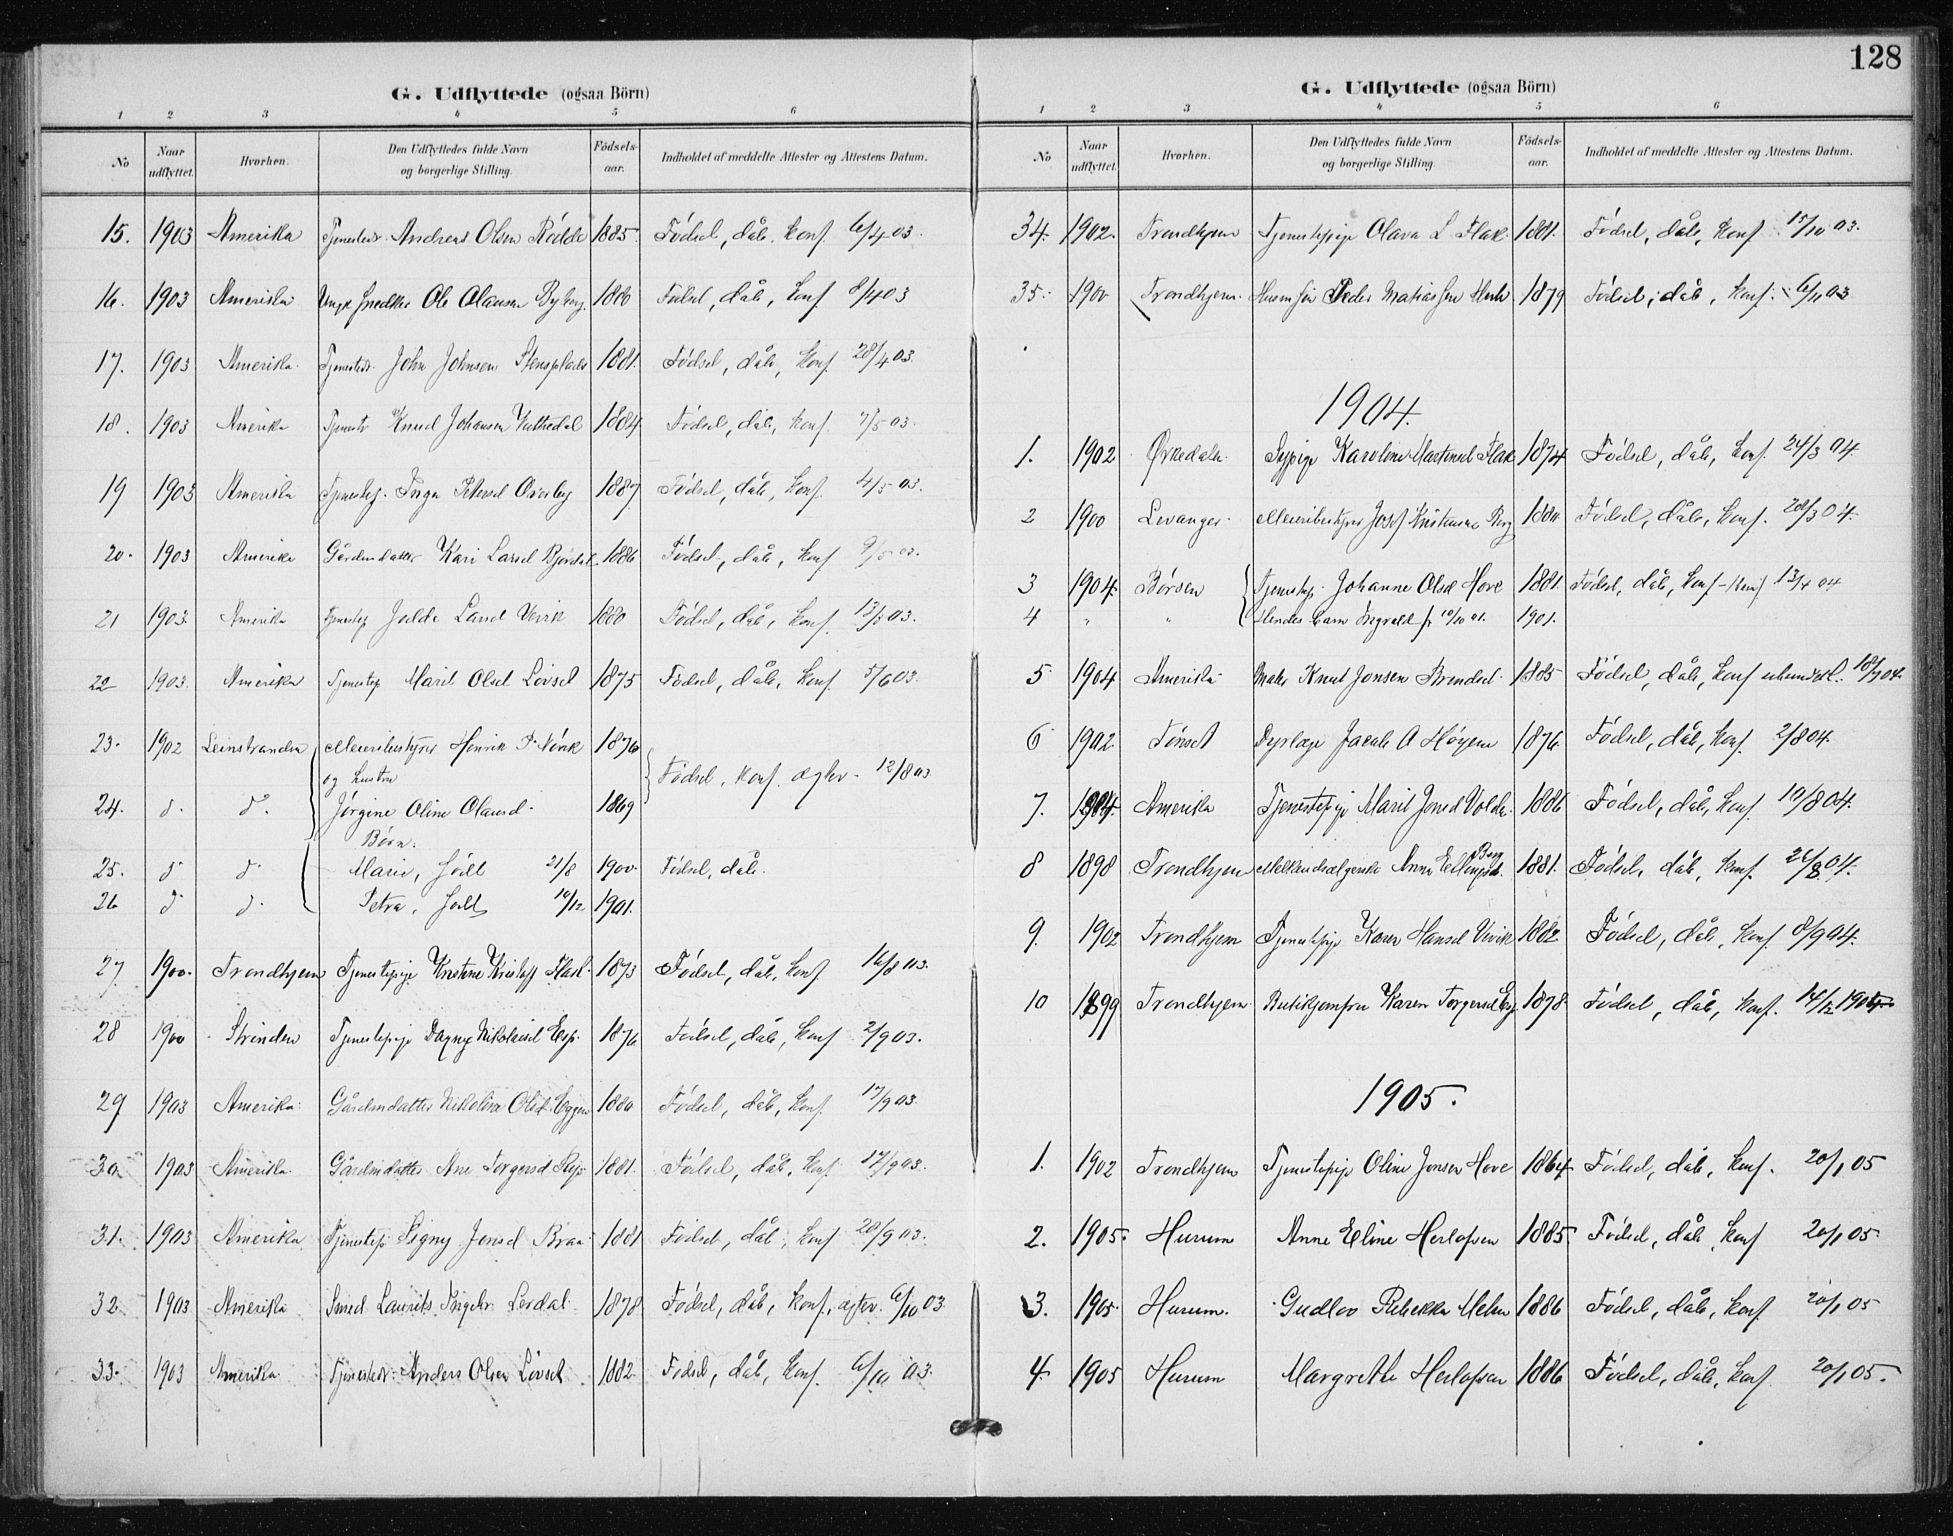 SAT, Ministerialprotokoller, klokkerbøker og fødselsregistre - Sør-Trøndelag, 612/L0380: Ministerialbok nr. 612A12, 1898-1907, s. 128